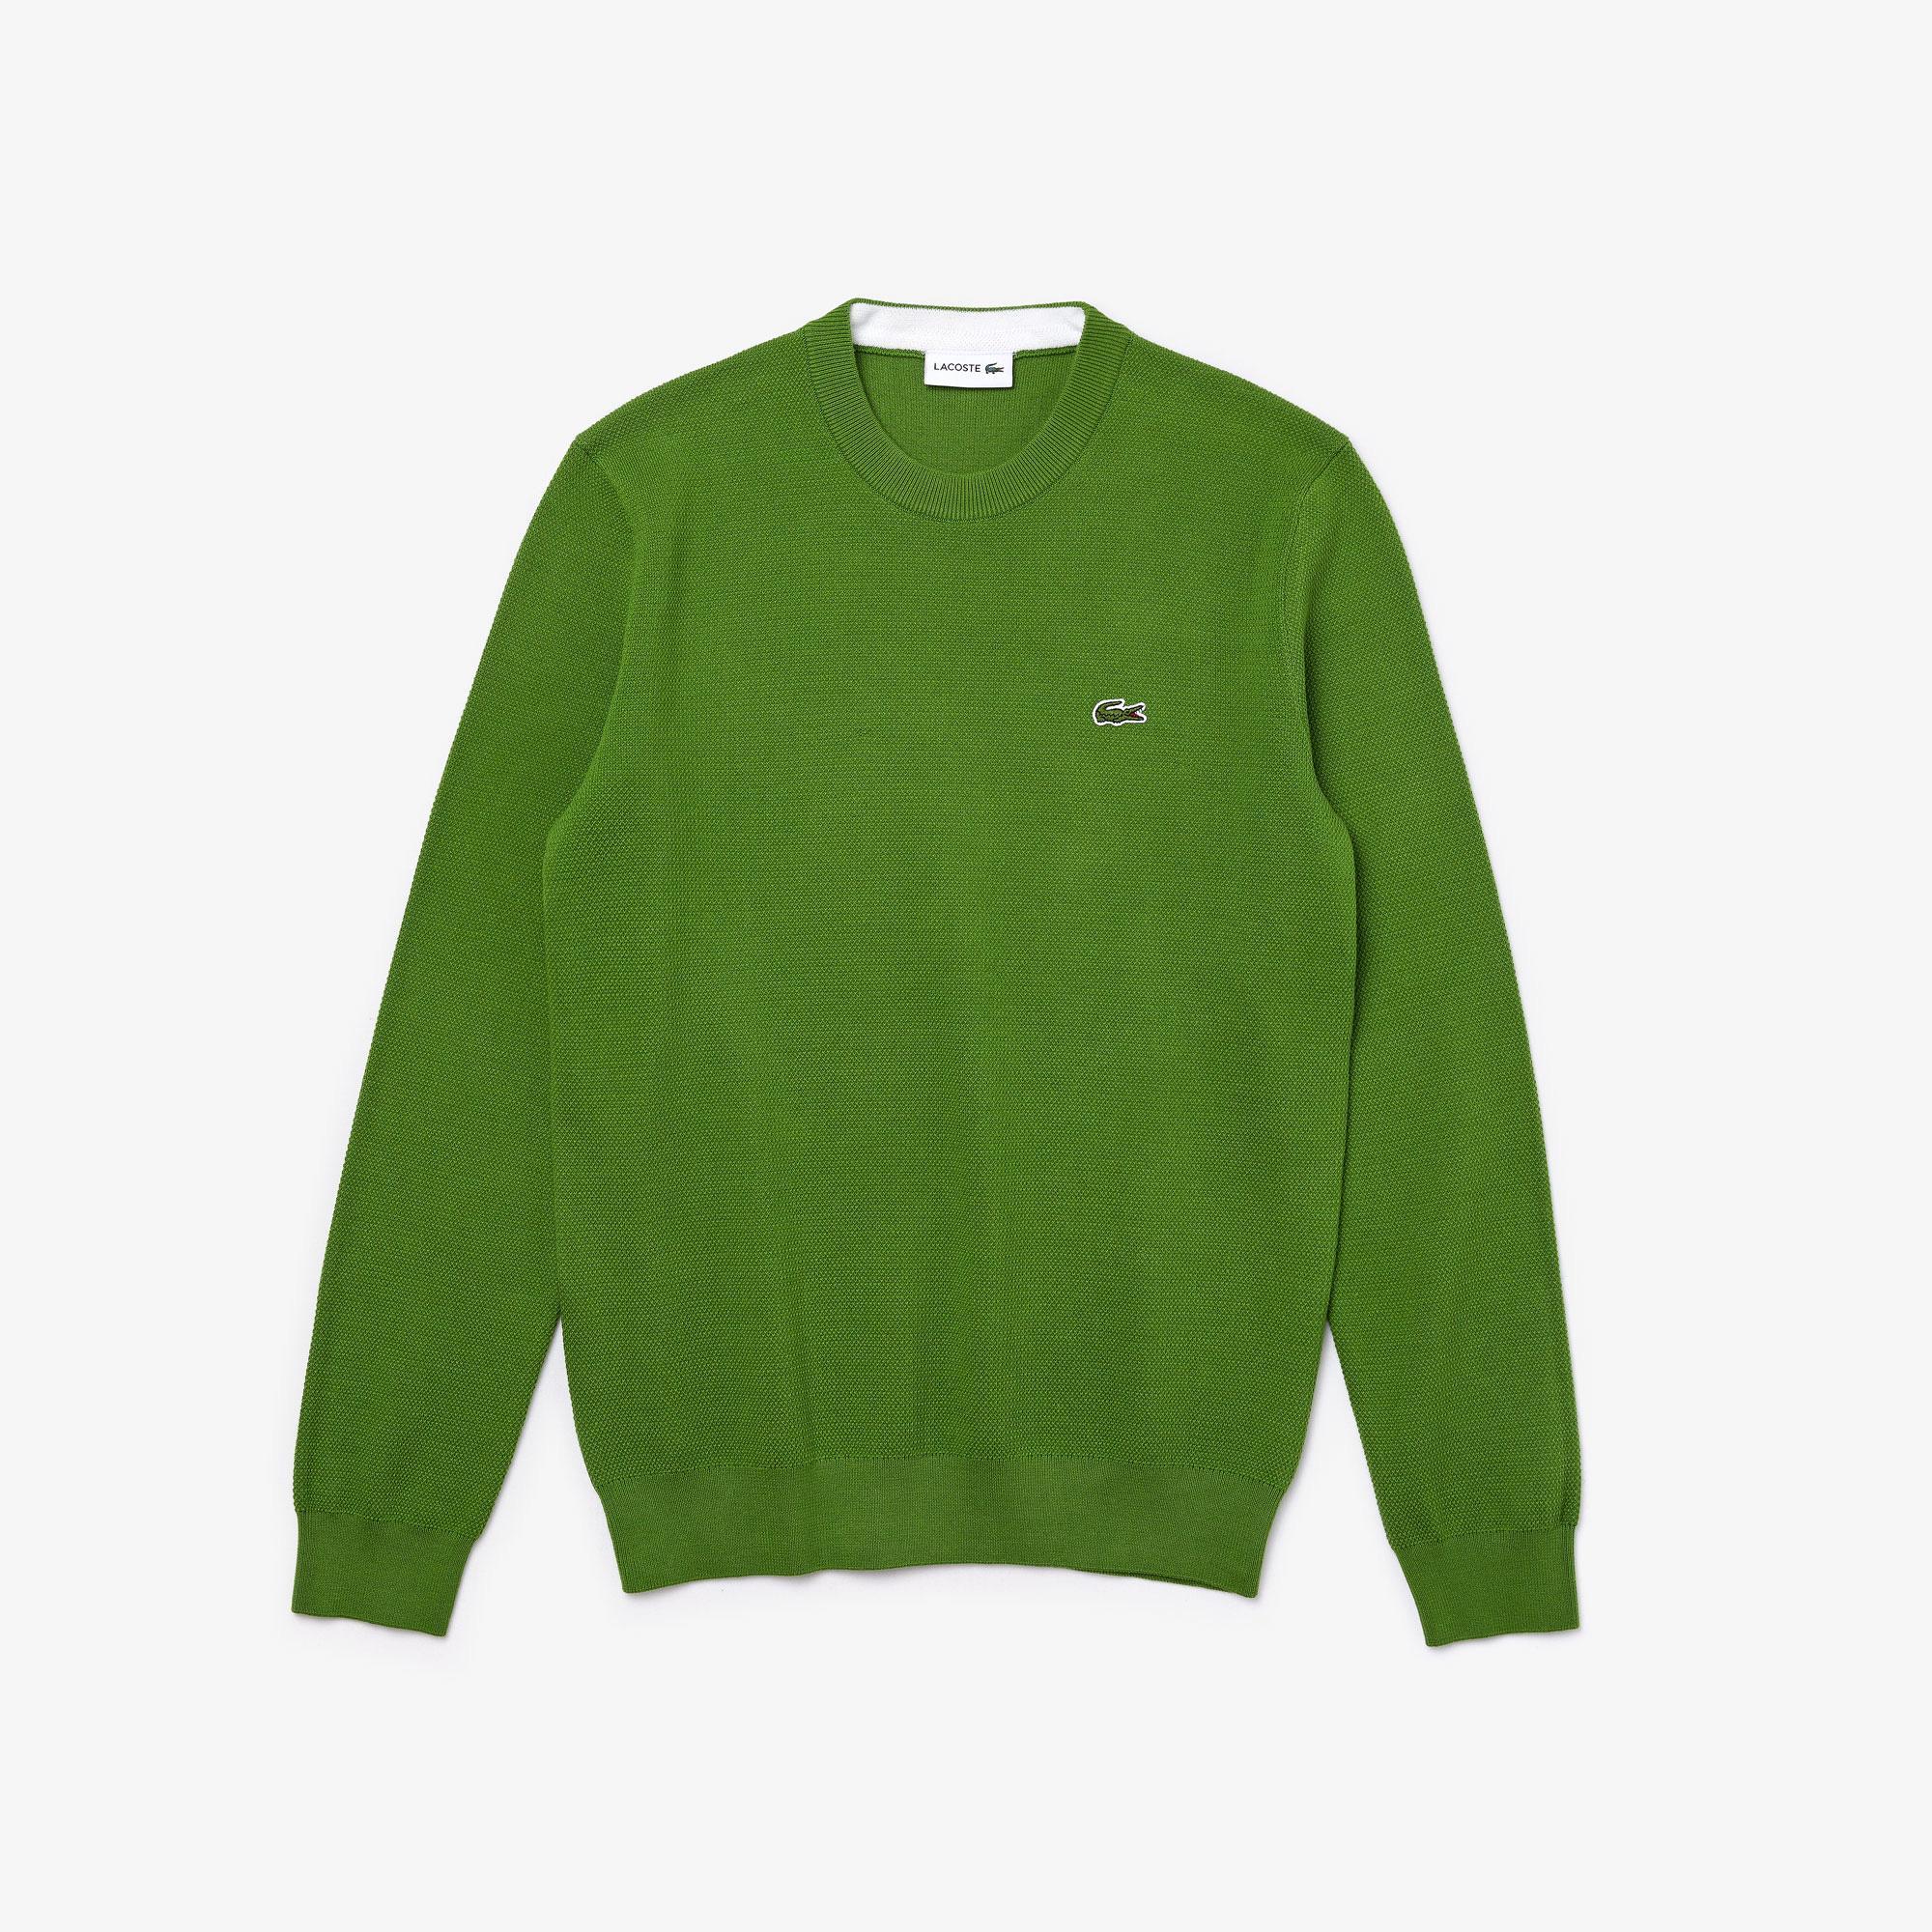 Lacoste Męski Sweter z Piki Bawełny Organicznej, z Okrągłym Wycięciem pod Szyją